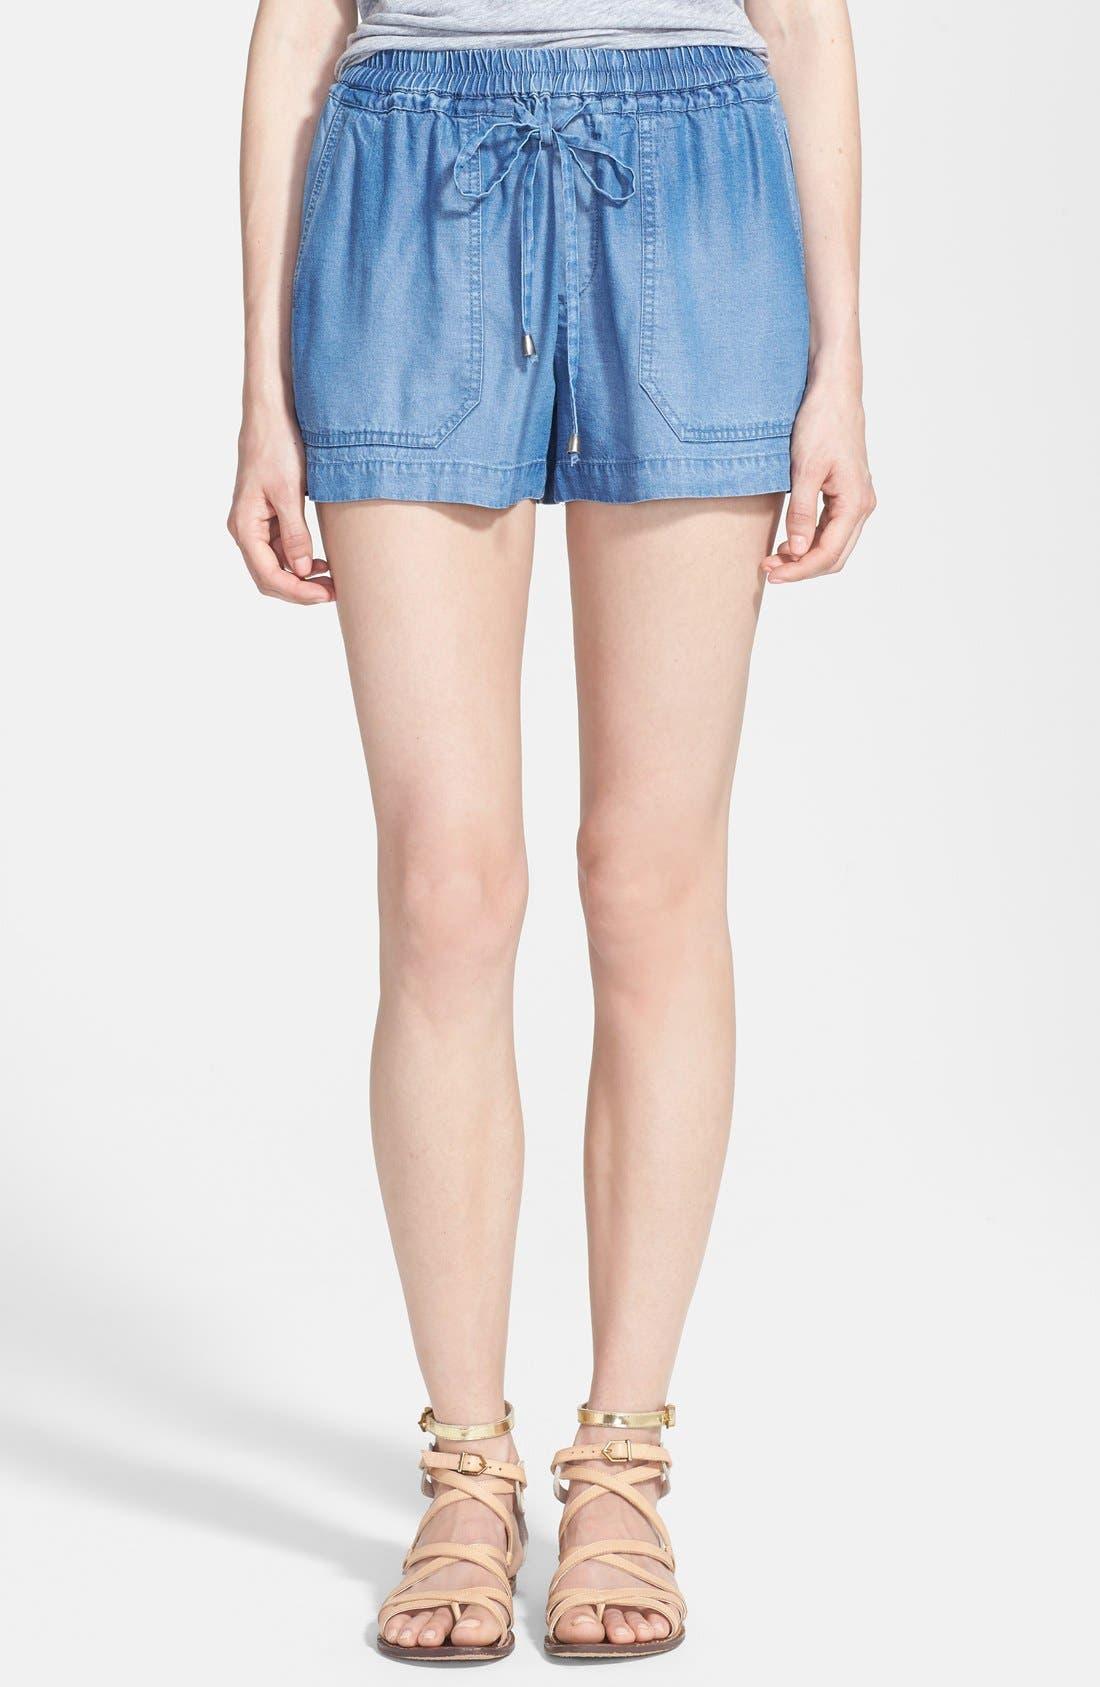 Alternate Image 1 Selected - Splendid Indigo Dye Shorts